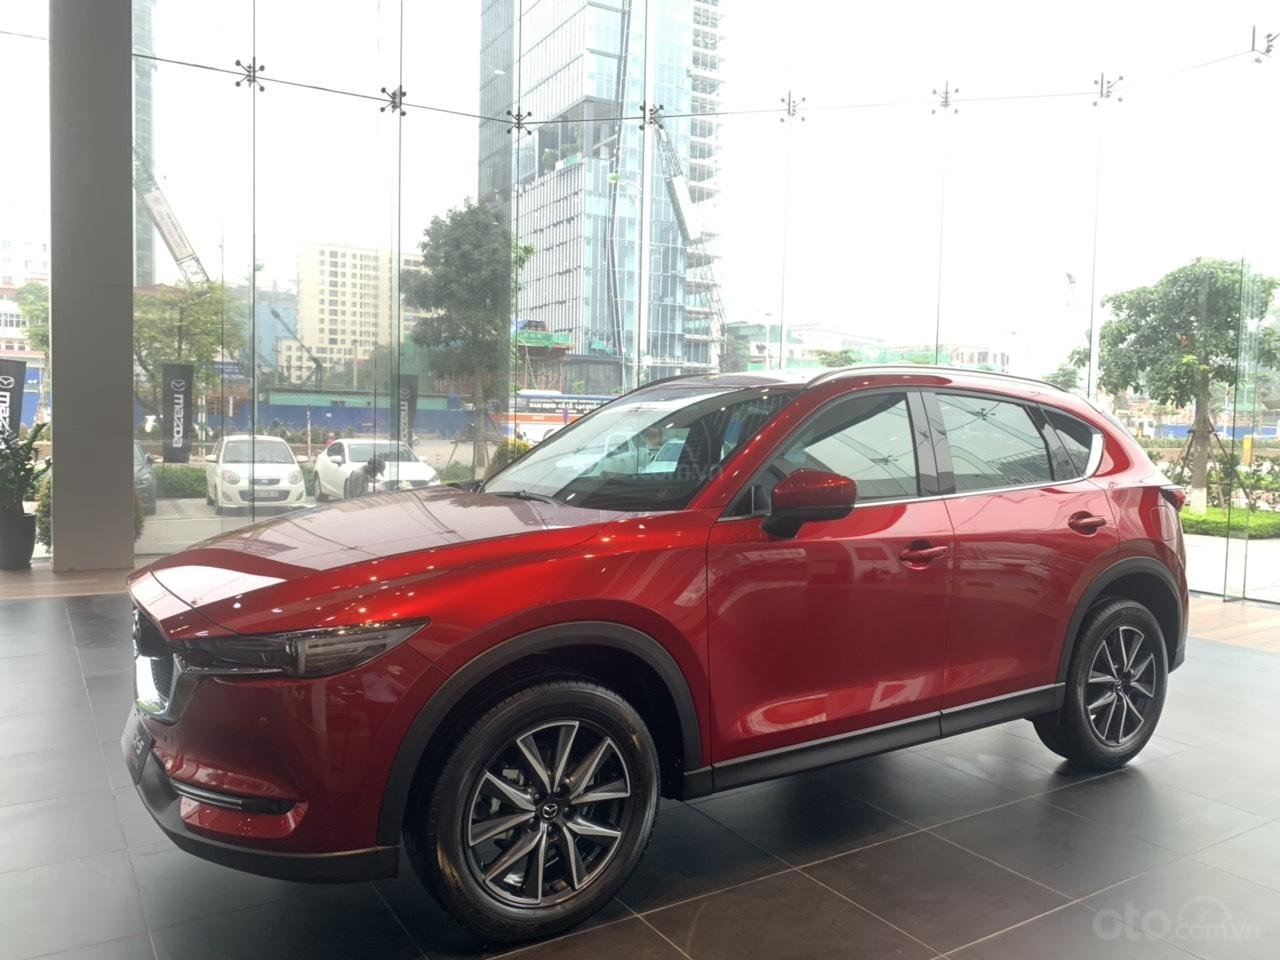 Mazda CX5 2.0 2019 ưu đãi T11 100tr, TG 90%, hỗ trợ giao xe, ĐKĐK, giải quyết nợ xấu, LH 0981 485 819 (7)